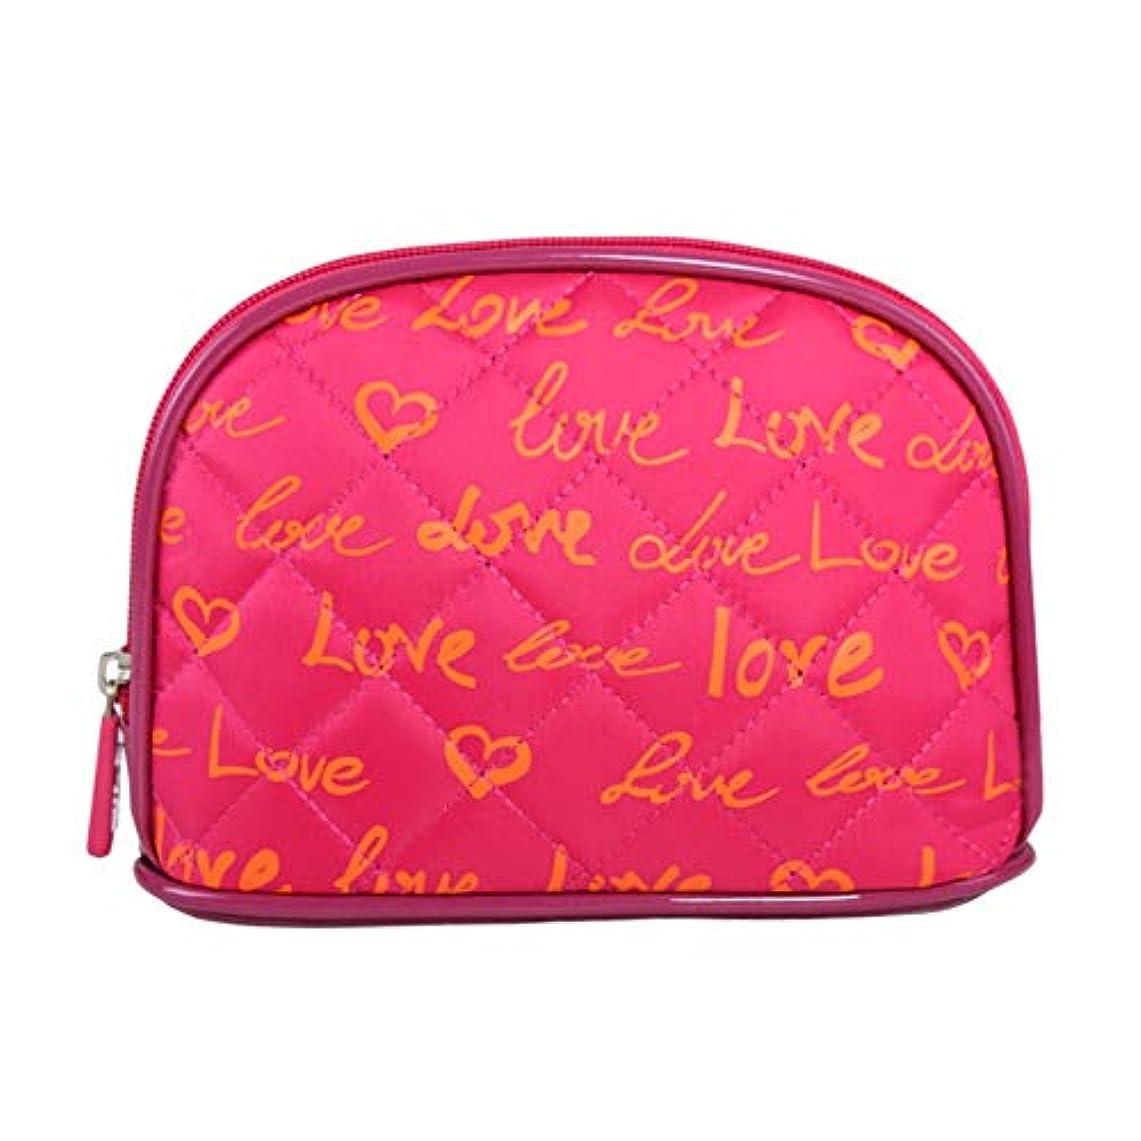 ことわざ必要条件接辞化粧オーガナイザーバッグ ポータブル防水化粧品袋印刷トップジッパーメークアップの場合旅行 化粧品ケース (色 : 赤)